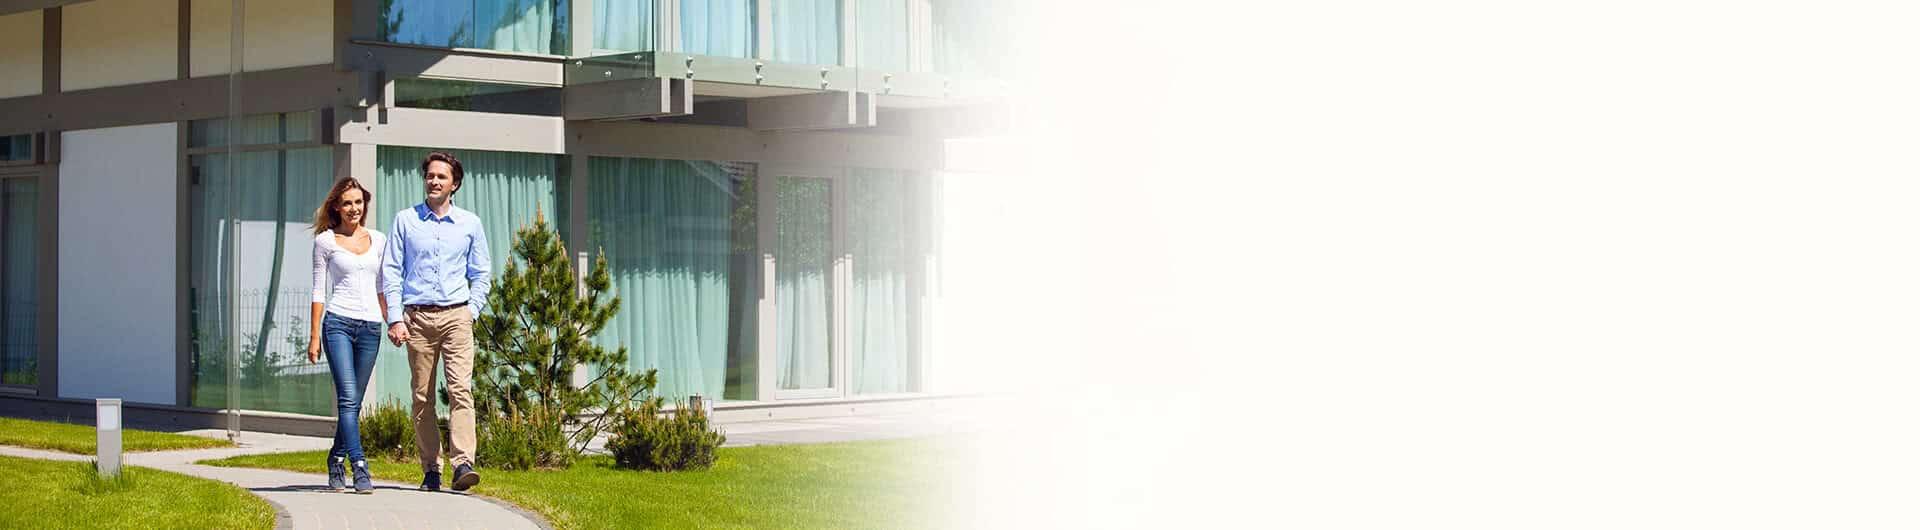 Top ▷ DKB Baufinanzierung - Konditionen & Angebote » MoneyCheck.de TW33